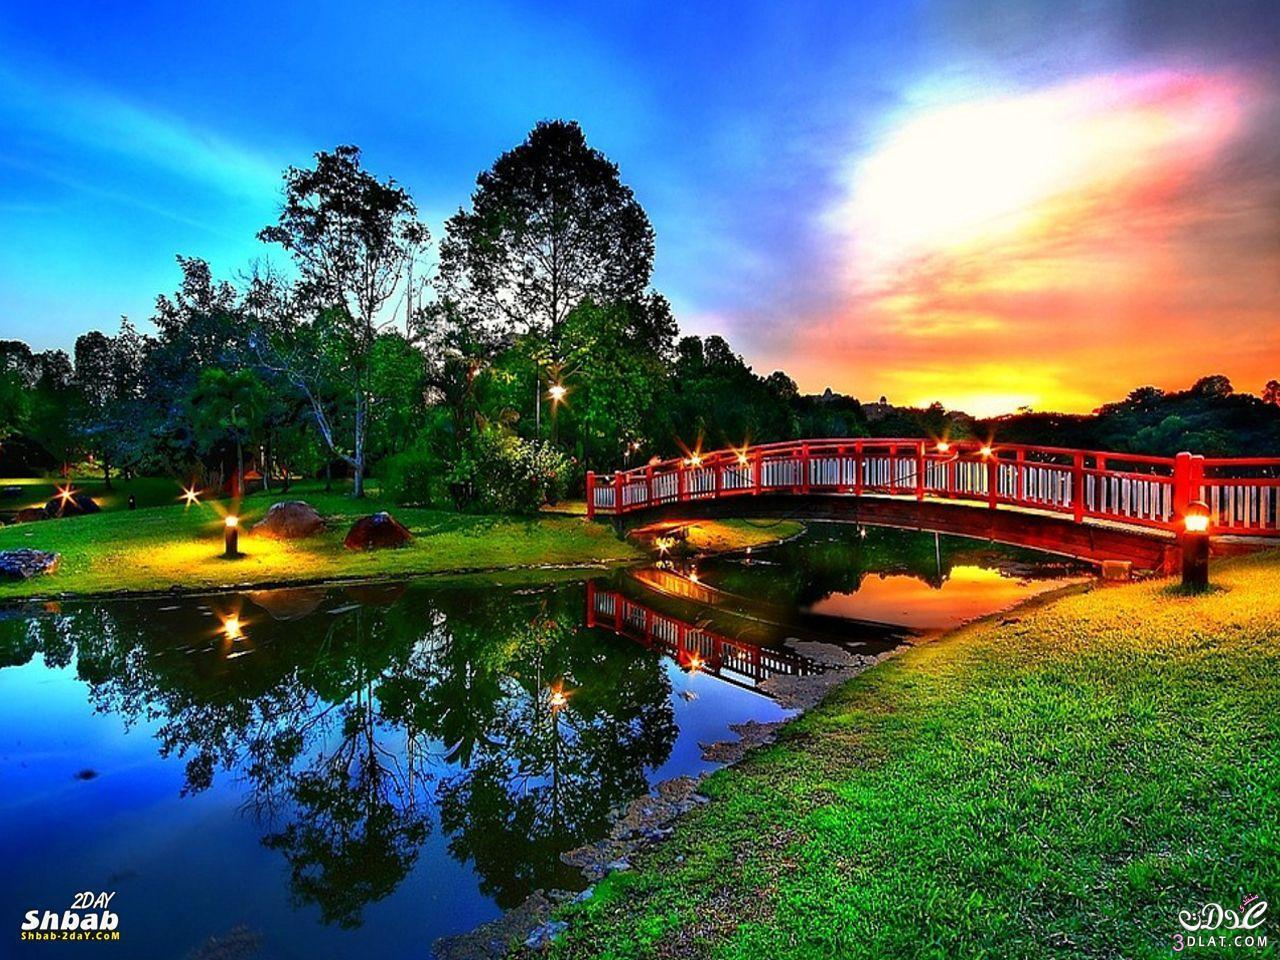 صورة صور طبيعة جميلة , اجمل الصور الطبيعية جميلة جدا